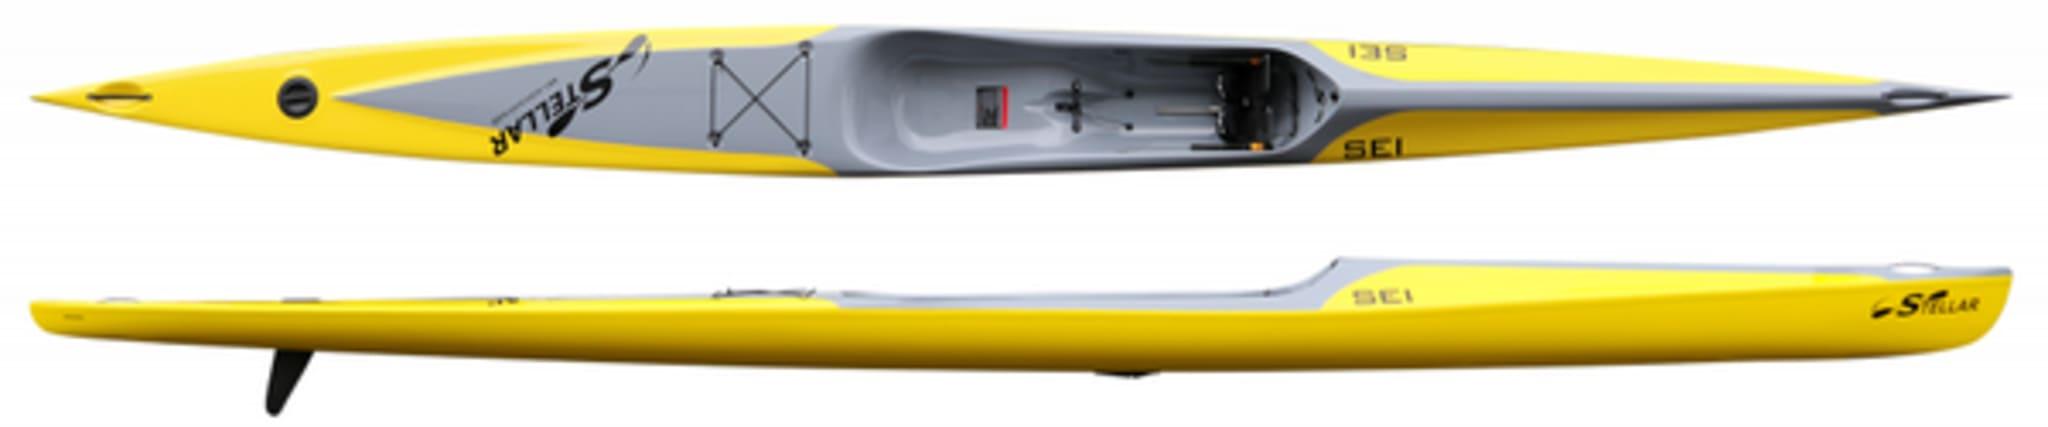 En lettere utgave av SEI for de mer erfarne padlerne